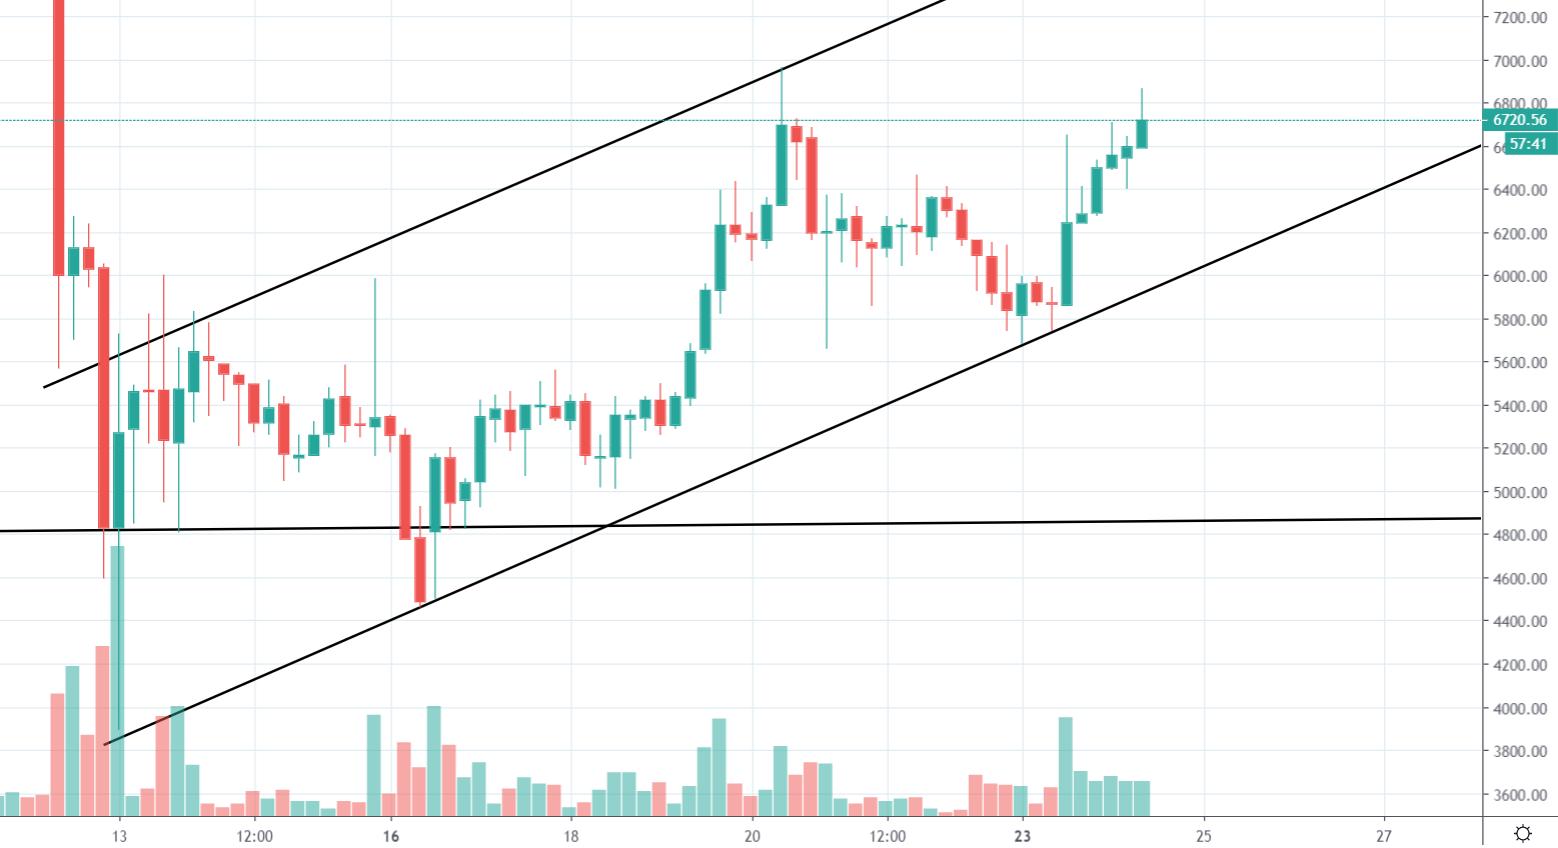 4h BTC/USD - Gemini